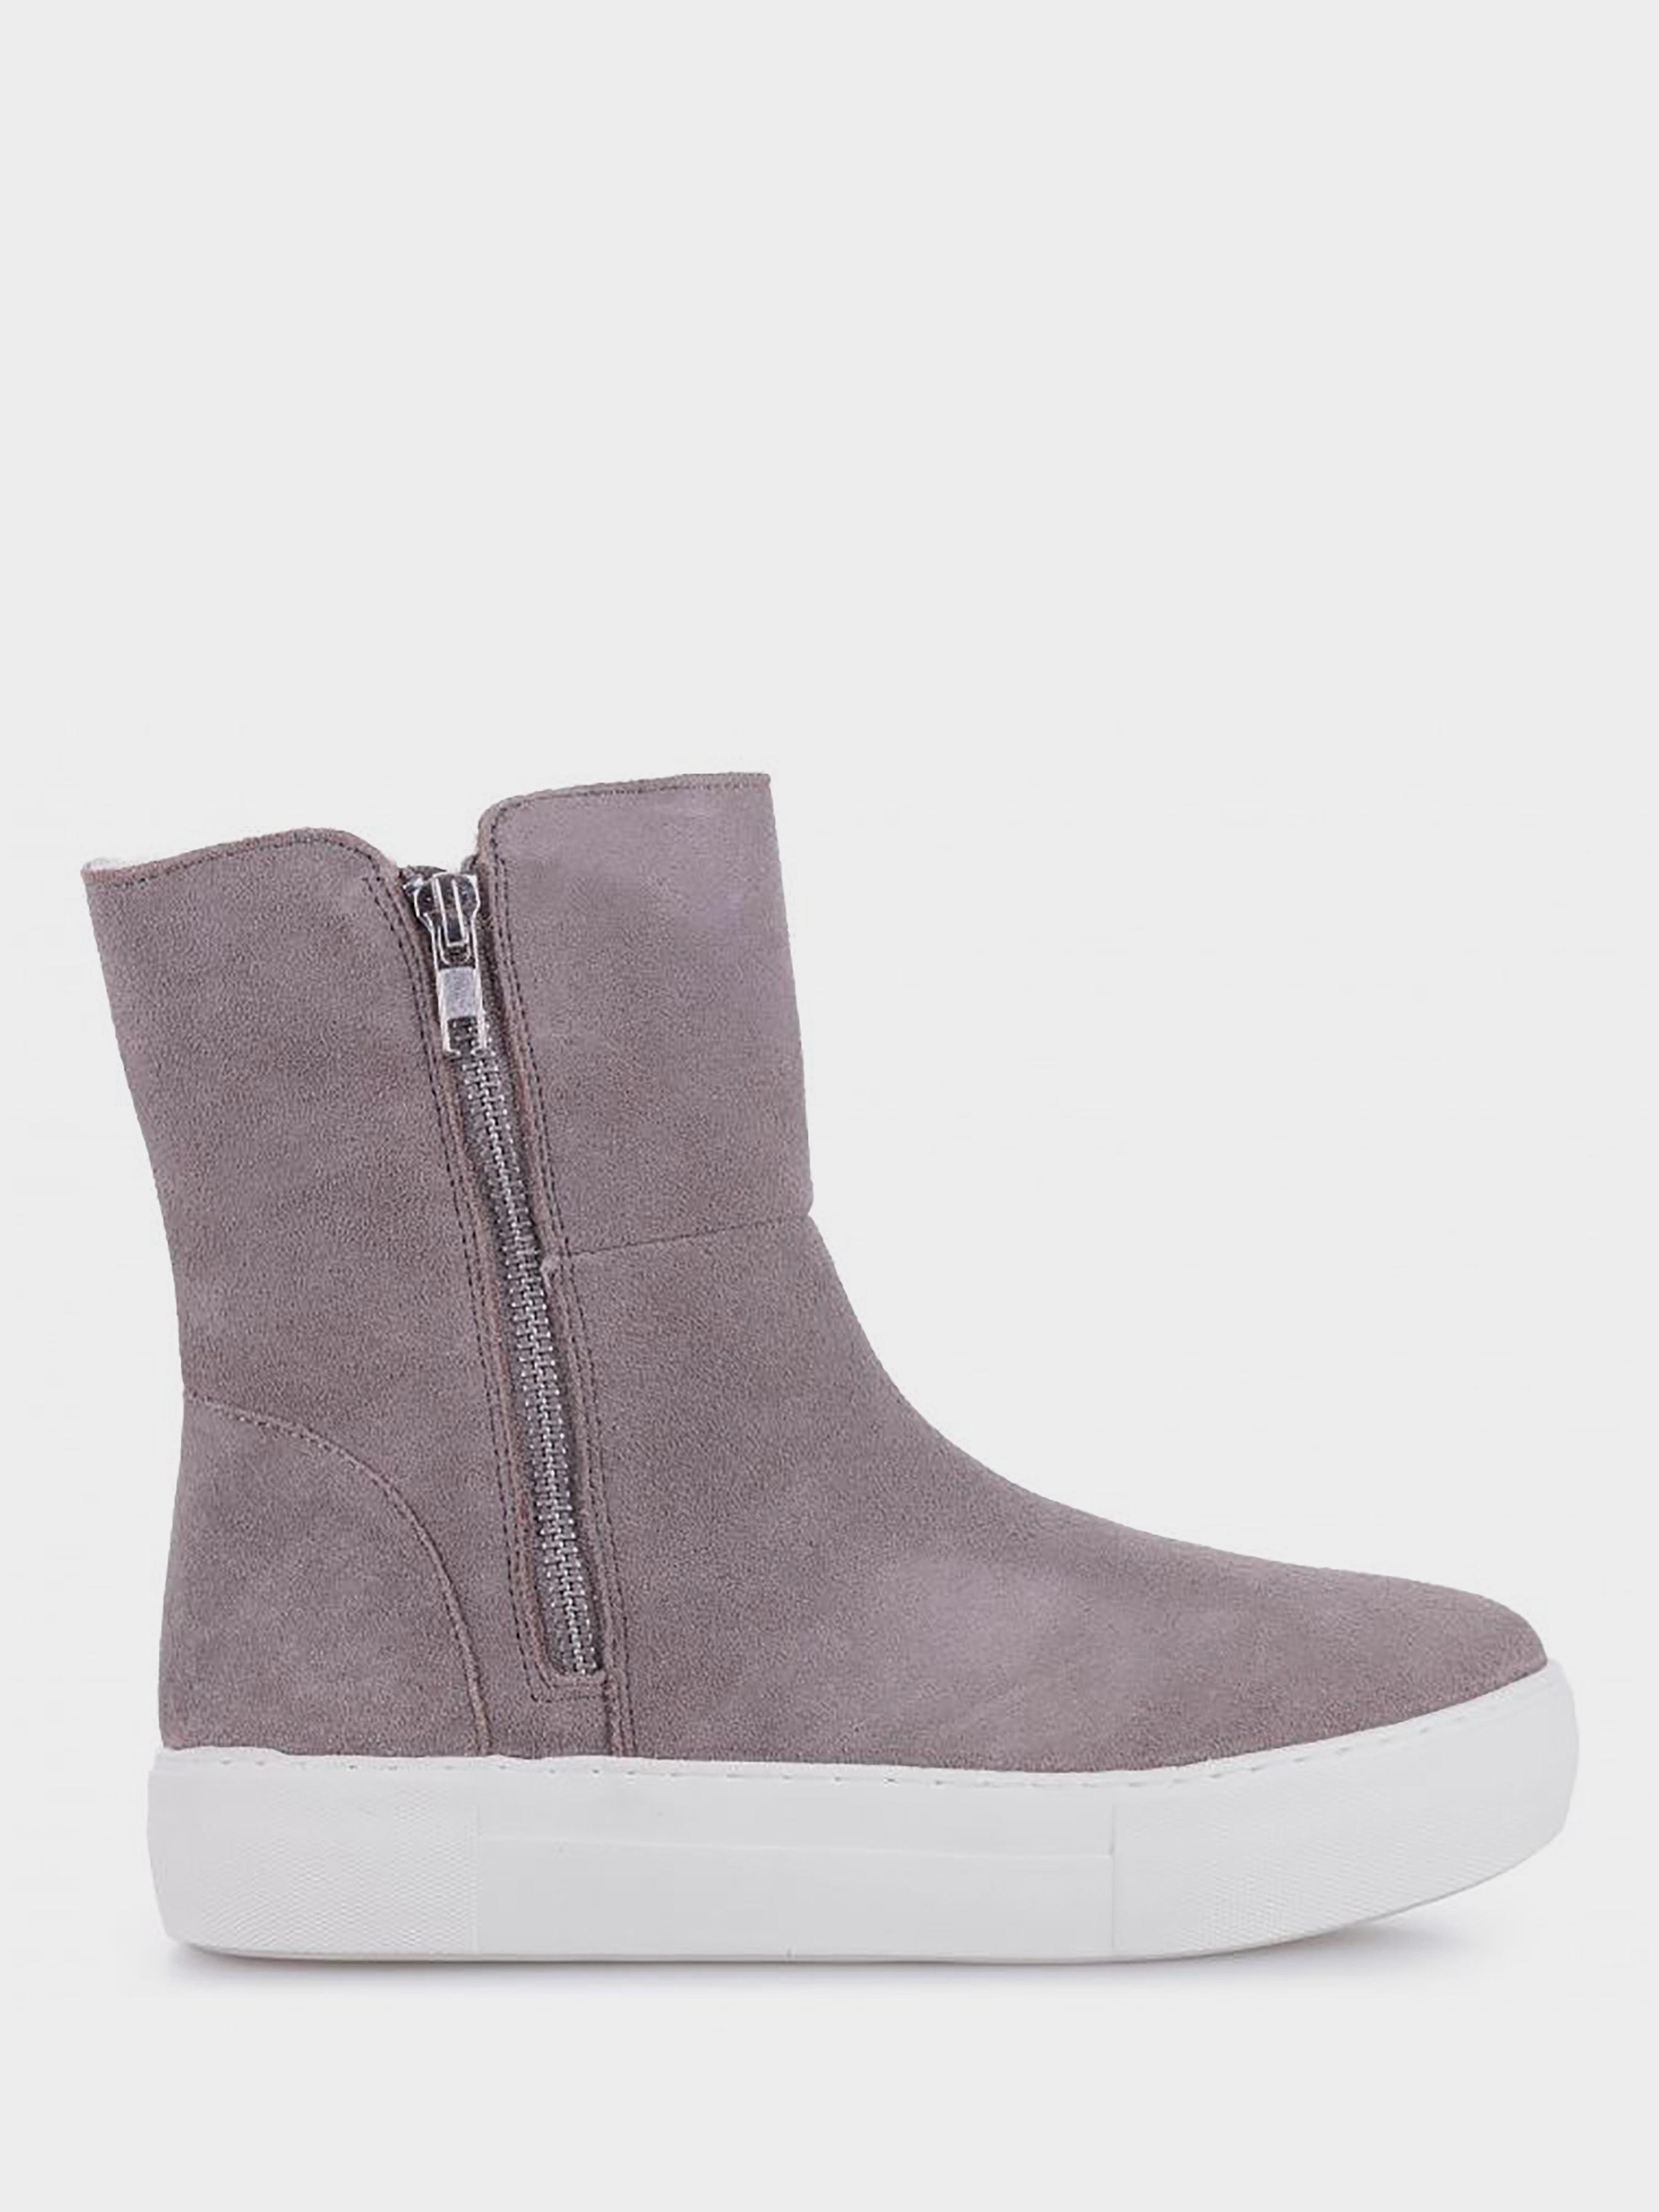 c5e50372d61c Ботинки женские Steve Madden модель 9T43 - купить по лучшей цене в ...